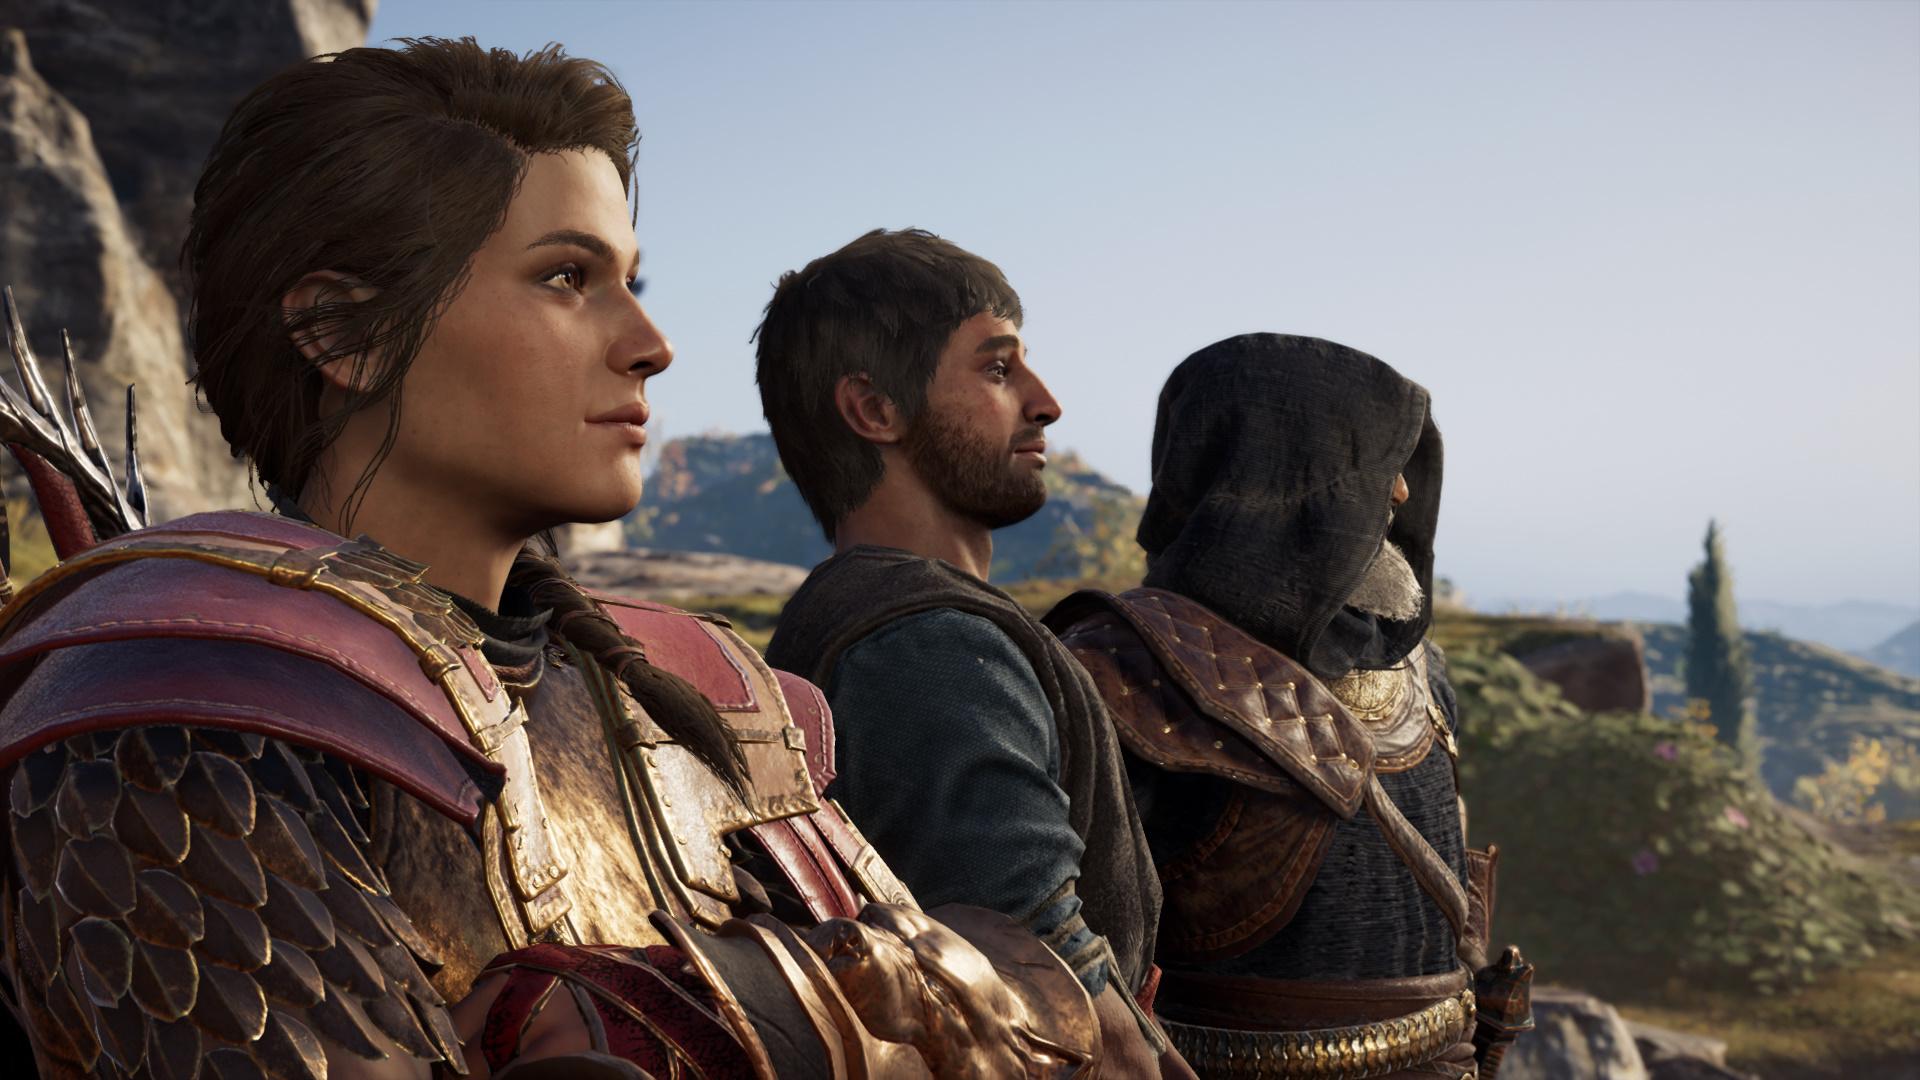 Kassandra Stands With Natakas And Darius